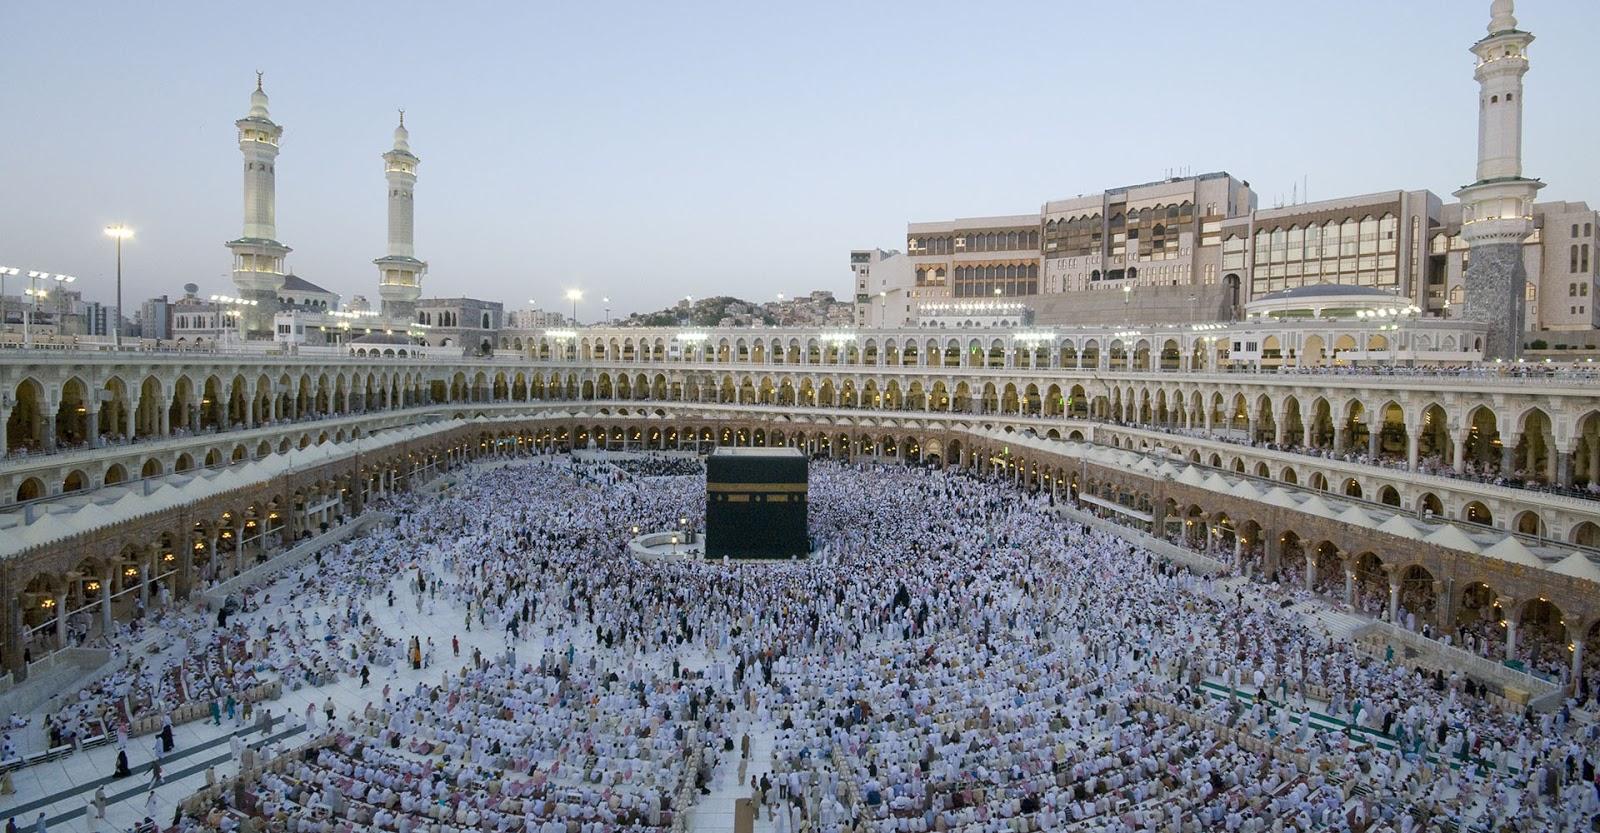 خبر عاجل للمسلميين .. من السعودية بخصوص الحج والعمرة بداية من العام المقبل هذا ما سيحدث